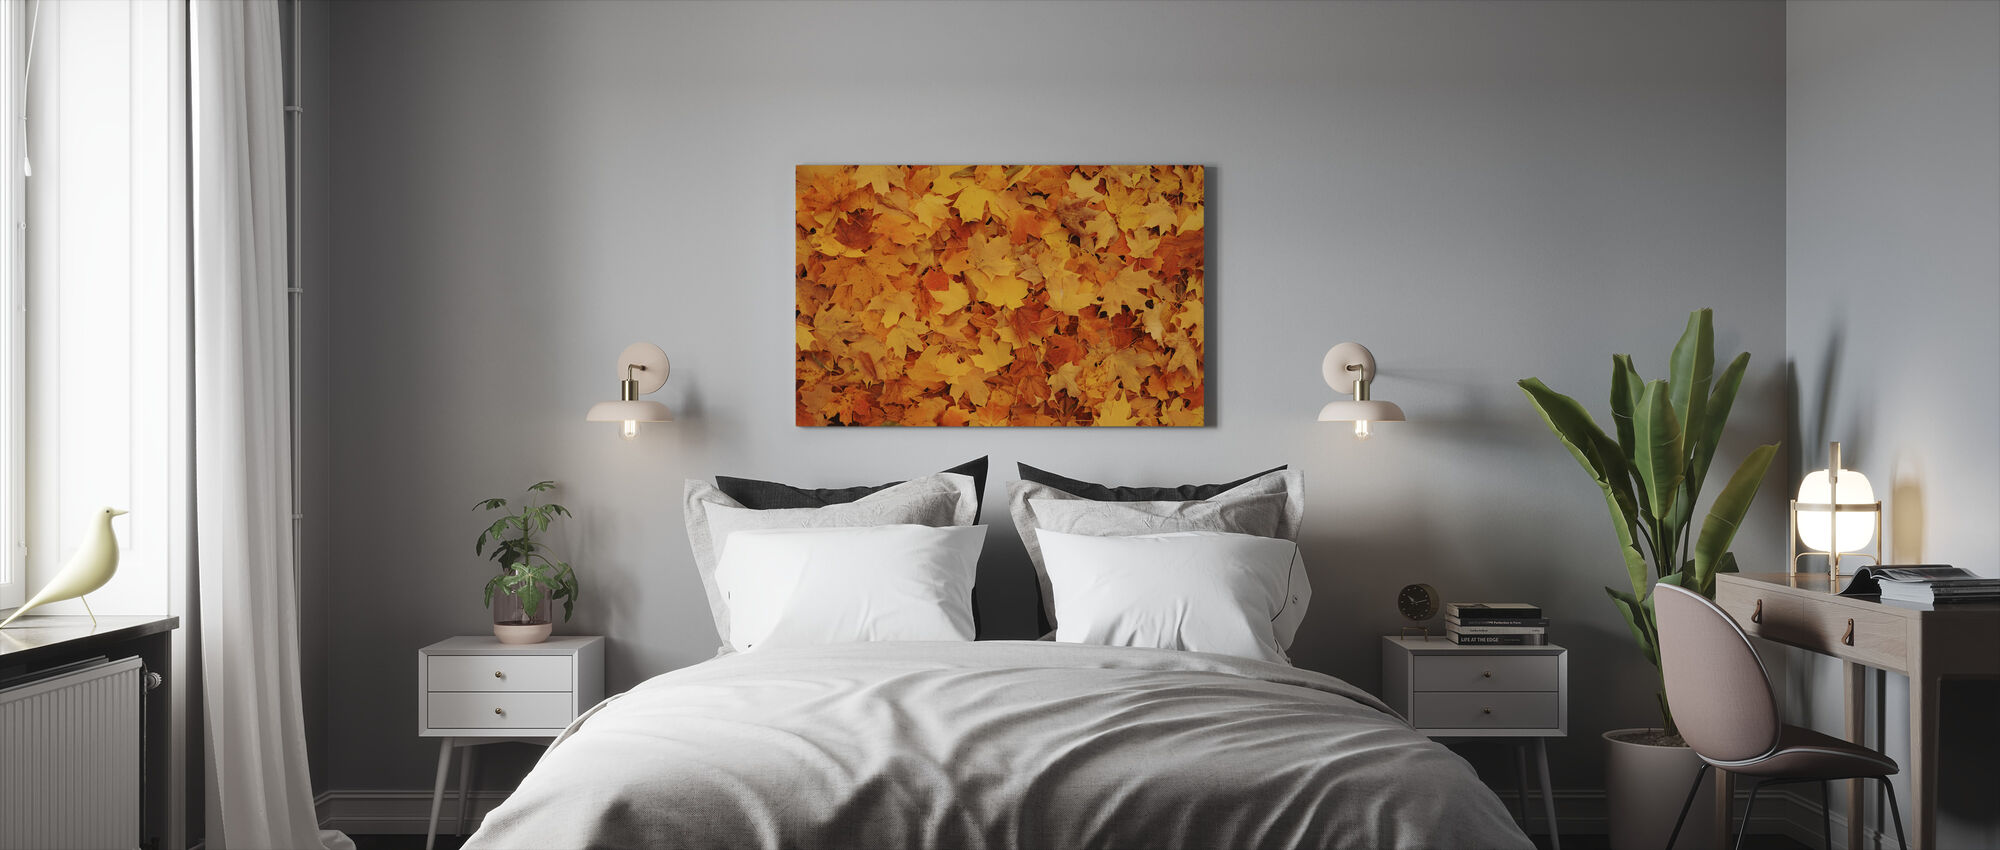 Bed van Herfst Esdoornbladeren - Canvas print - Slaapkamer